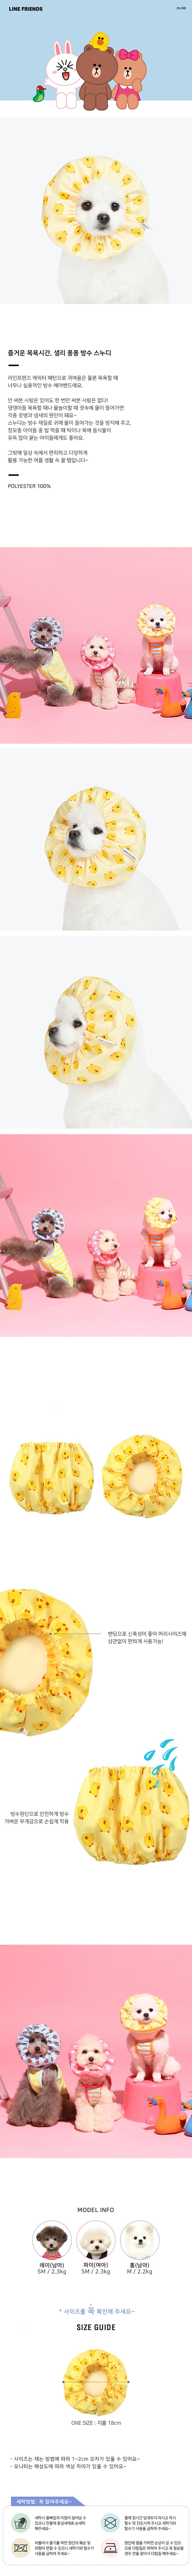 샐리 퐁퐁 방수 헤어밴드 - 오드펫, 8,900원, 의류/액세서리, 액세서리